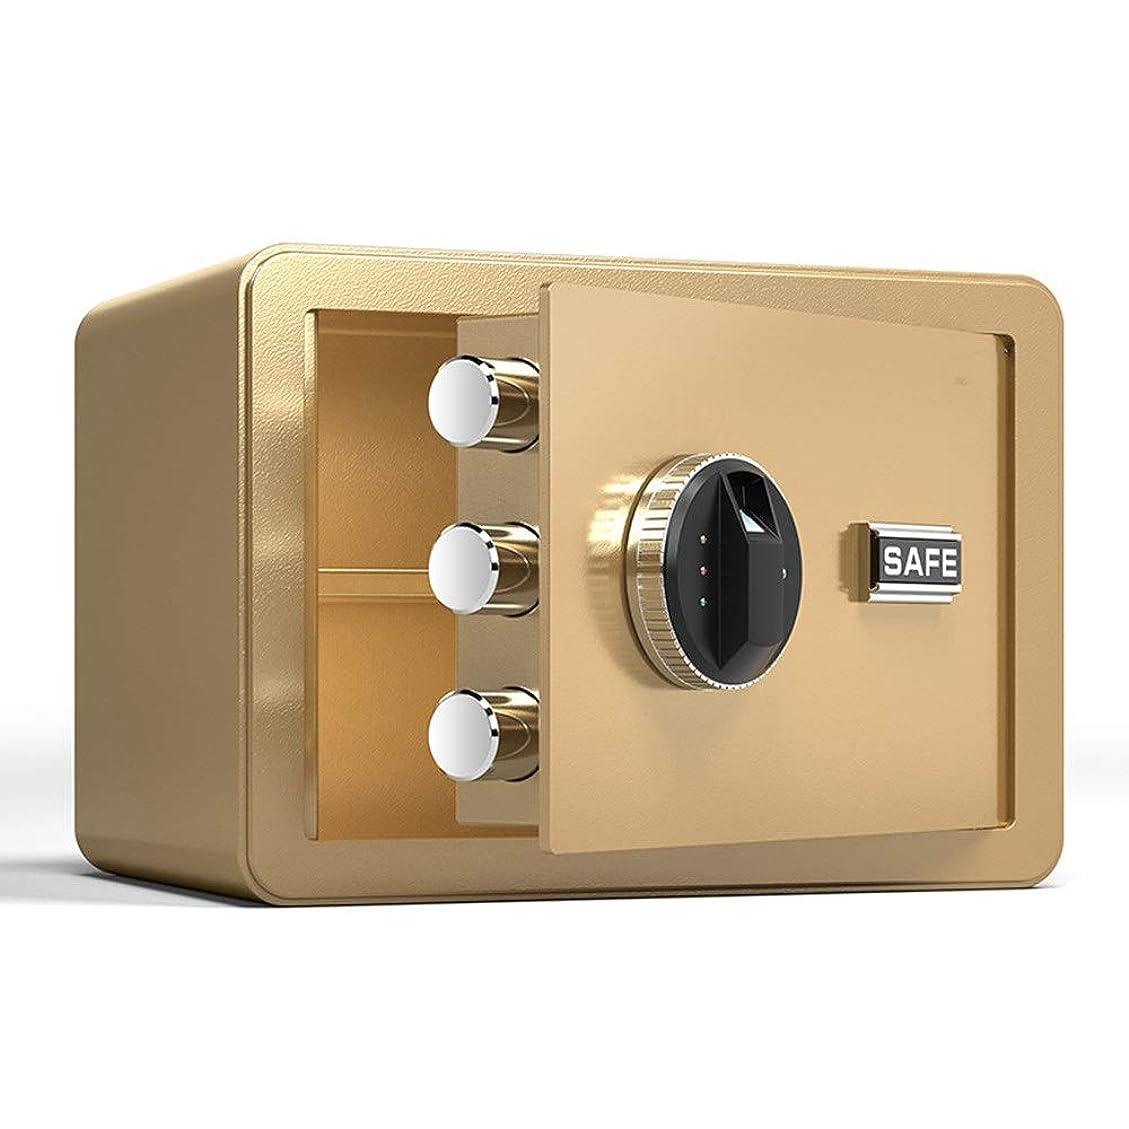 宝矢じり傑出した電子金庫 安全なロックボックスデジタル指紋セーフティボックスソリッド合金鋼建設のためのホームオフィスホテル 金庫 (色 : Gold A, Size : 35X25X25CM)